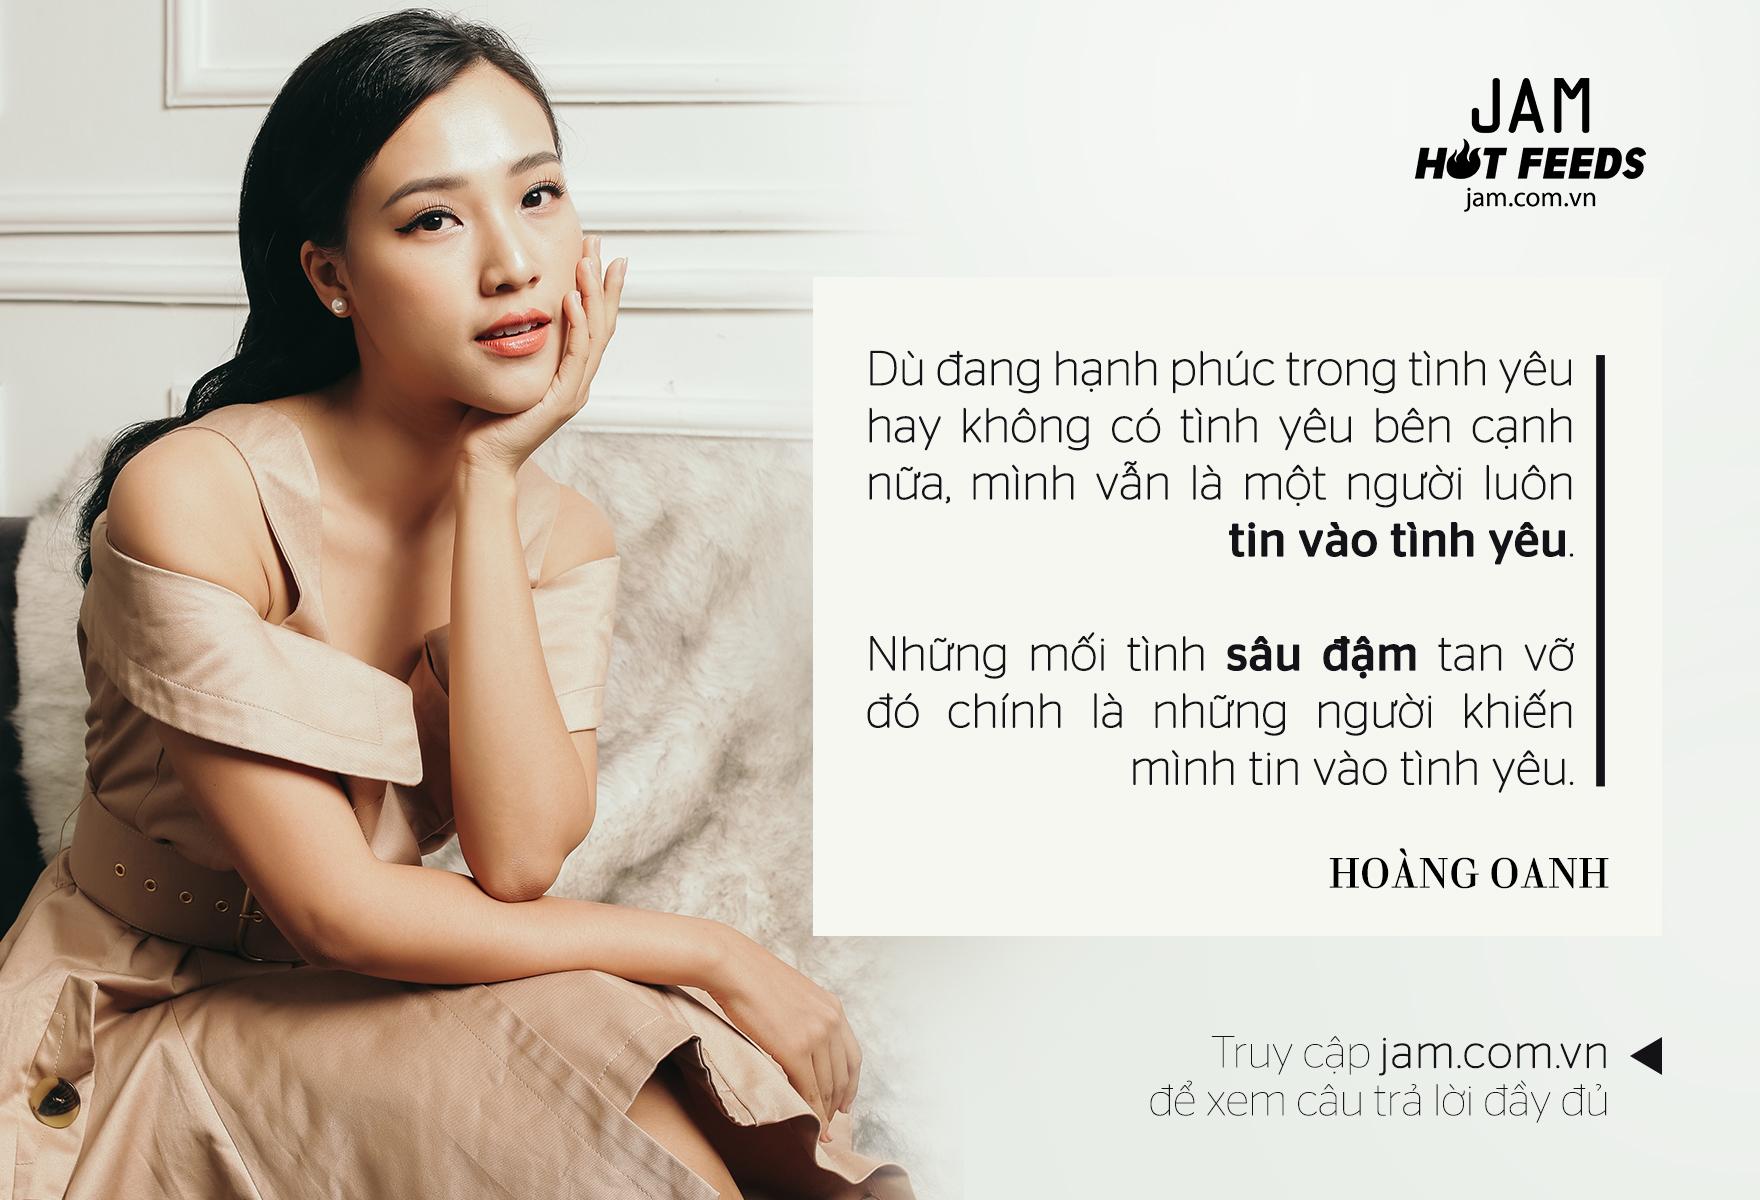 Hoàng Oanh: Tình yêu với Huỳnh Anh vẫn là một tình yêu đẹp và trọn vẹn - Ảnh 9.